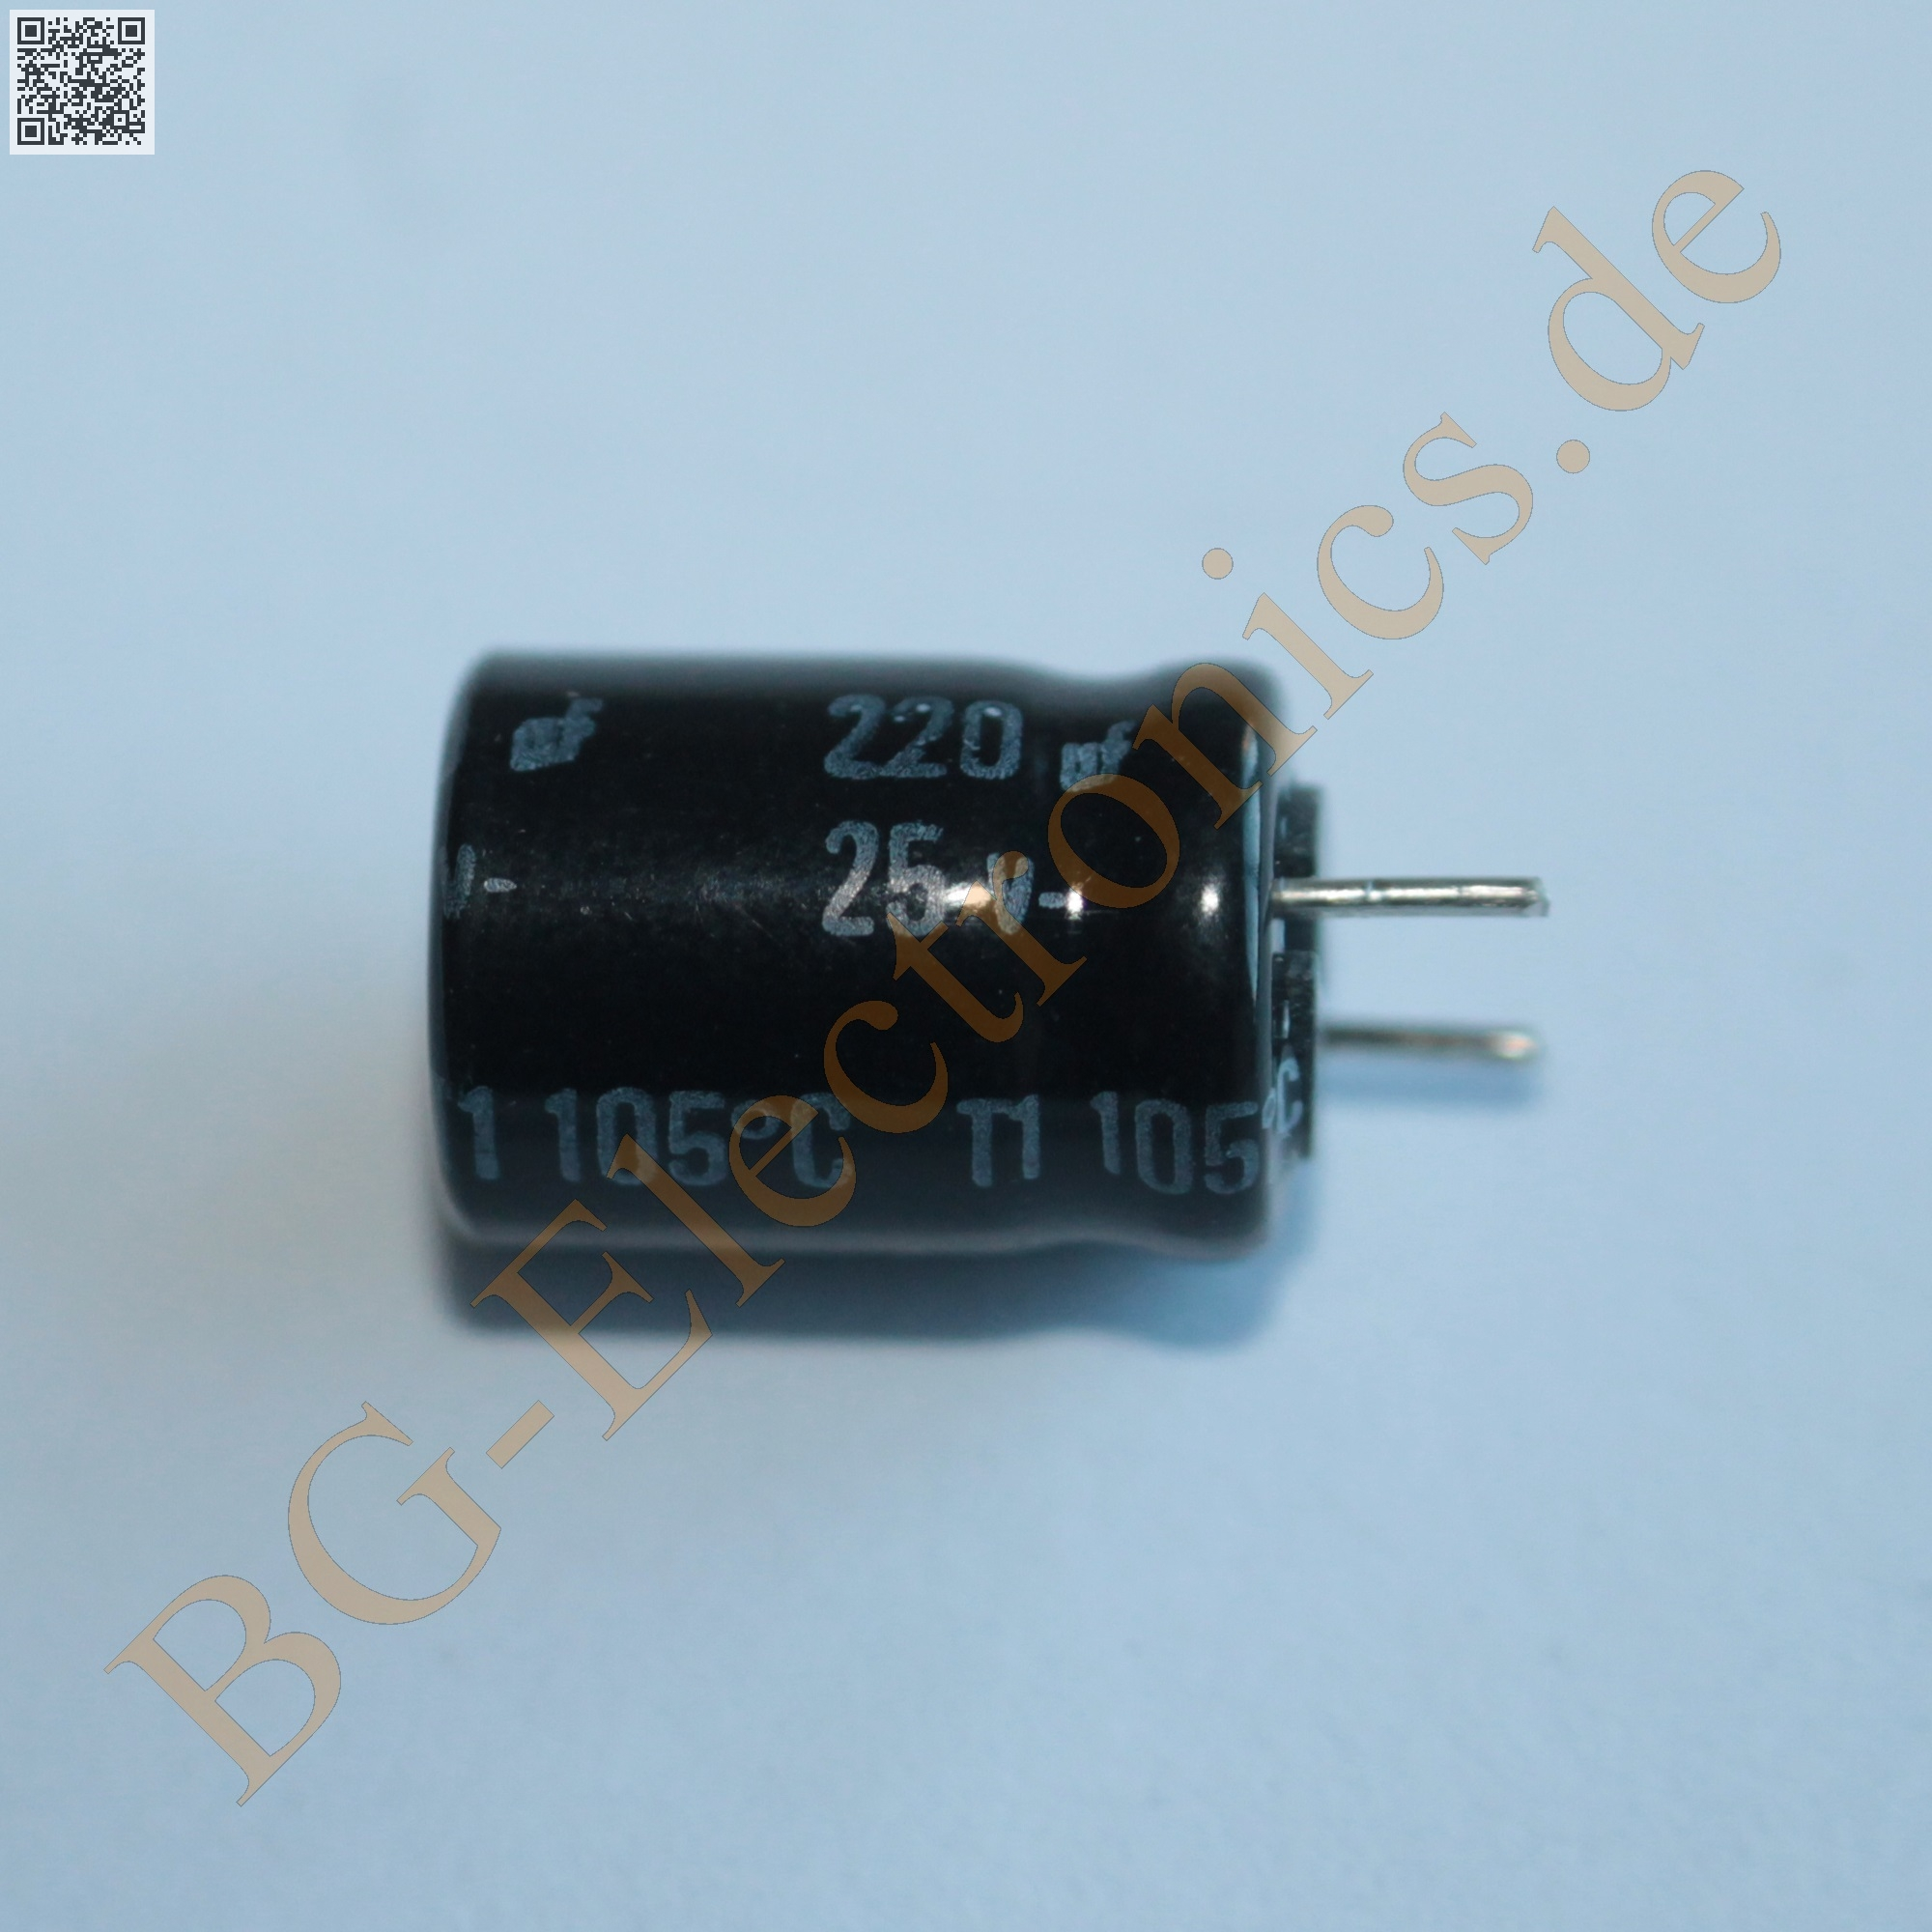 20 x 220 f 220uf 25v 105 rm5 elko kondensator capacitor r. Black Bedroom Furniture Sets. Home Design Ideas